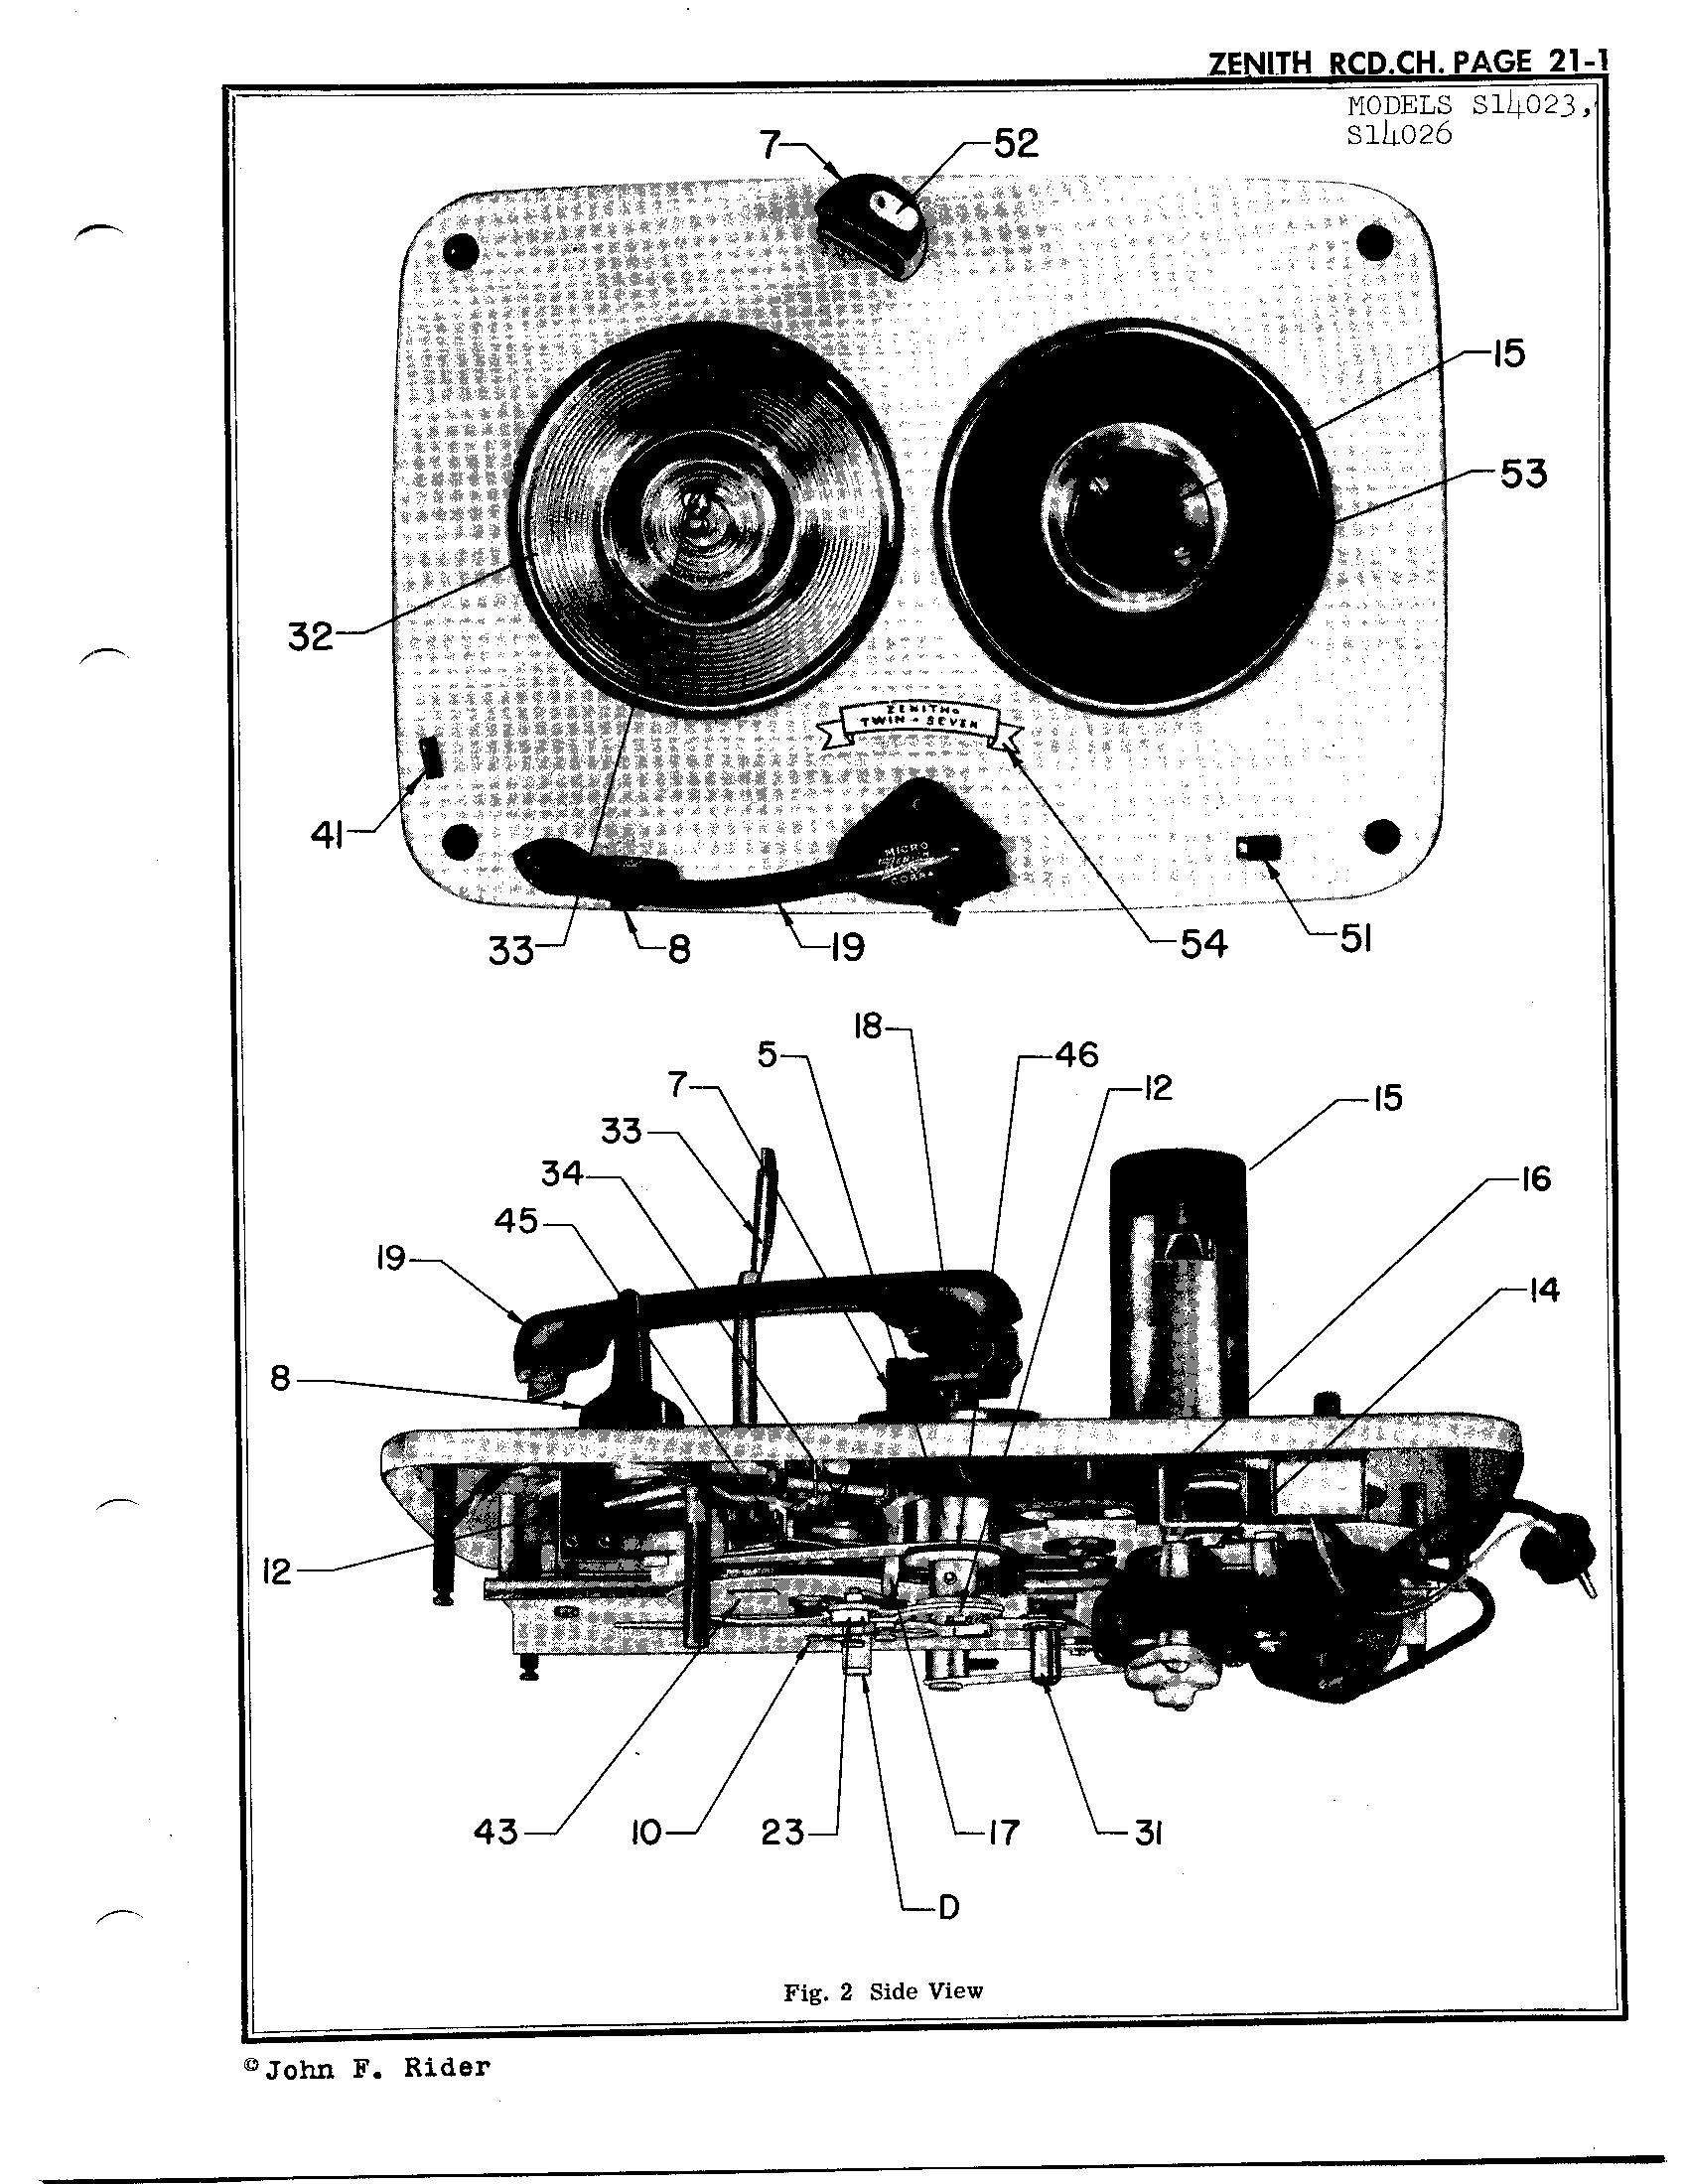 zenith radio corp  s14023